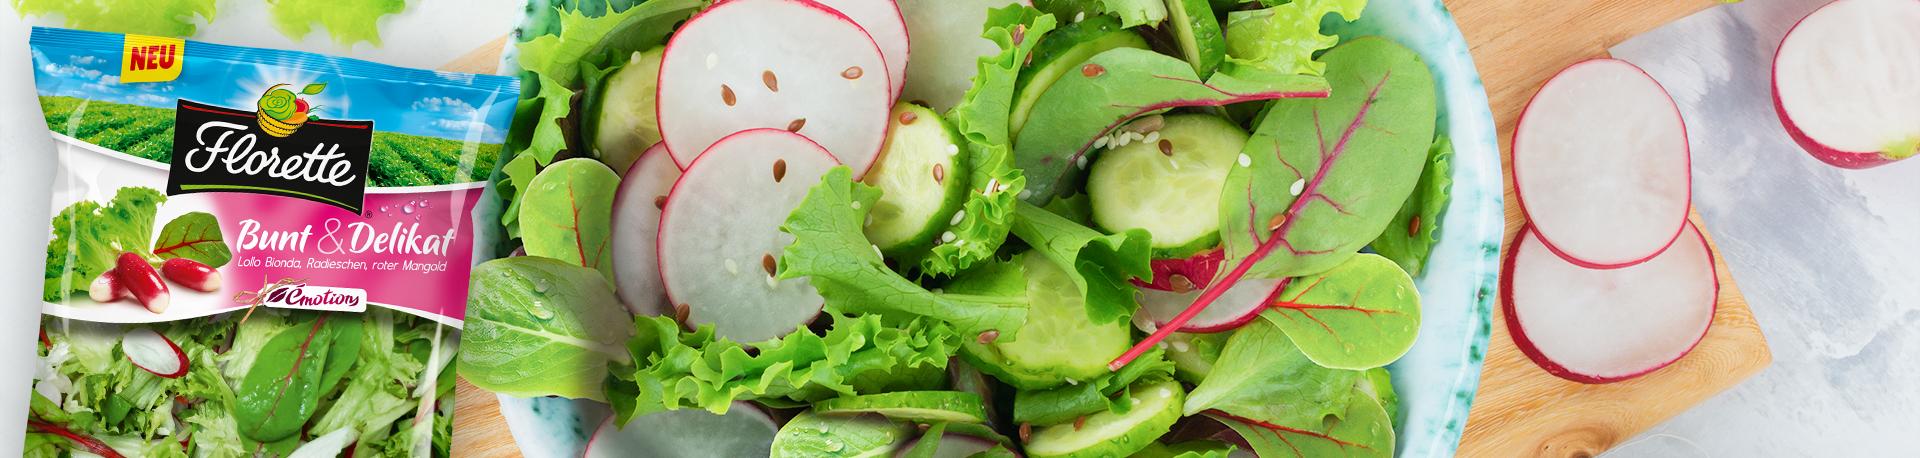 Florettes neue Salatmischung Émotions Bunt & Delikat